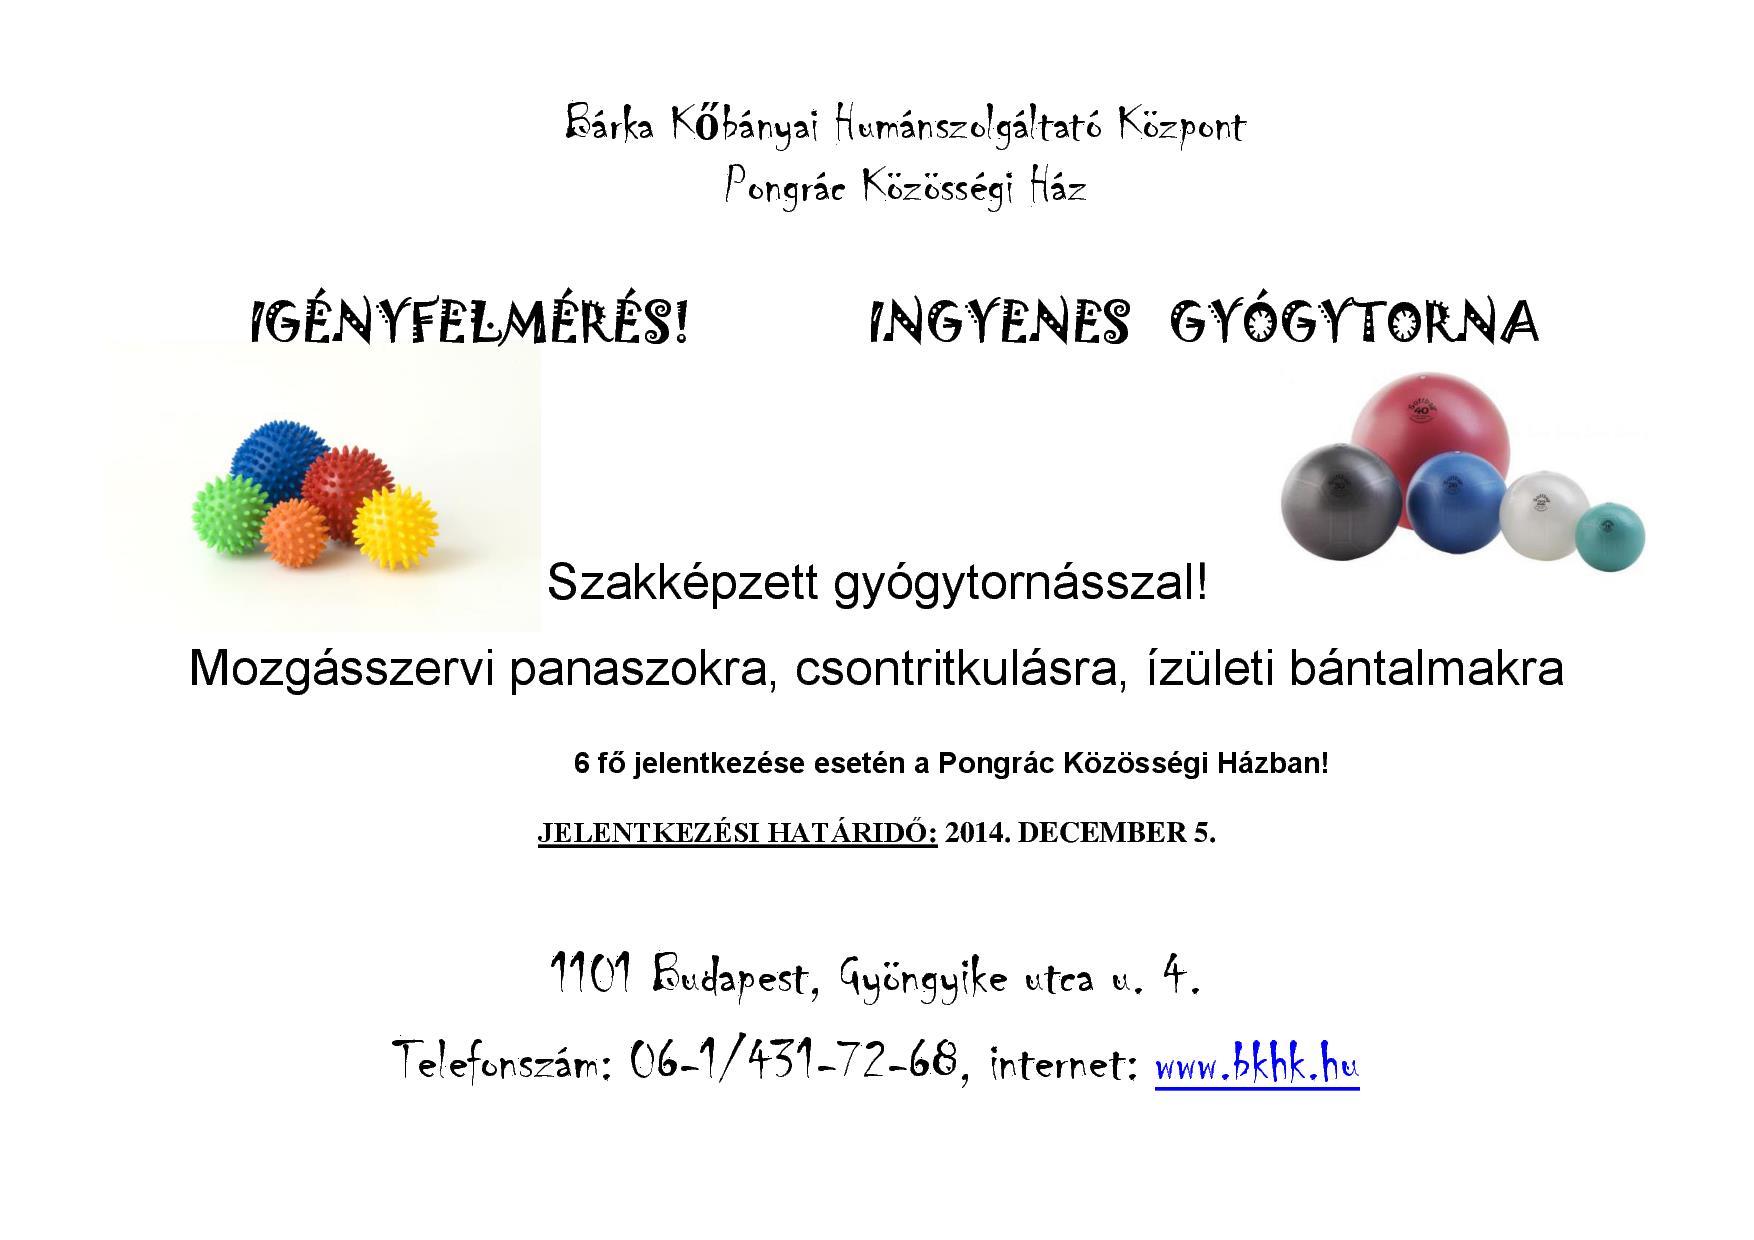 2014.11.22_PKH_gyogytorna_igenyfelmeres_plakat